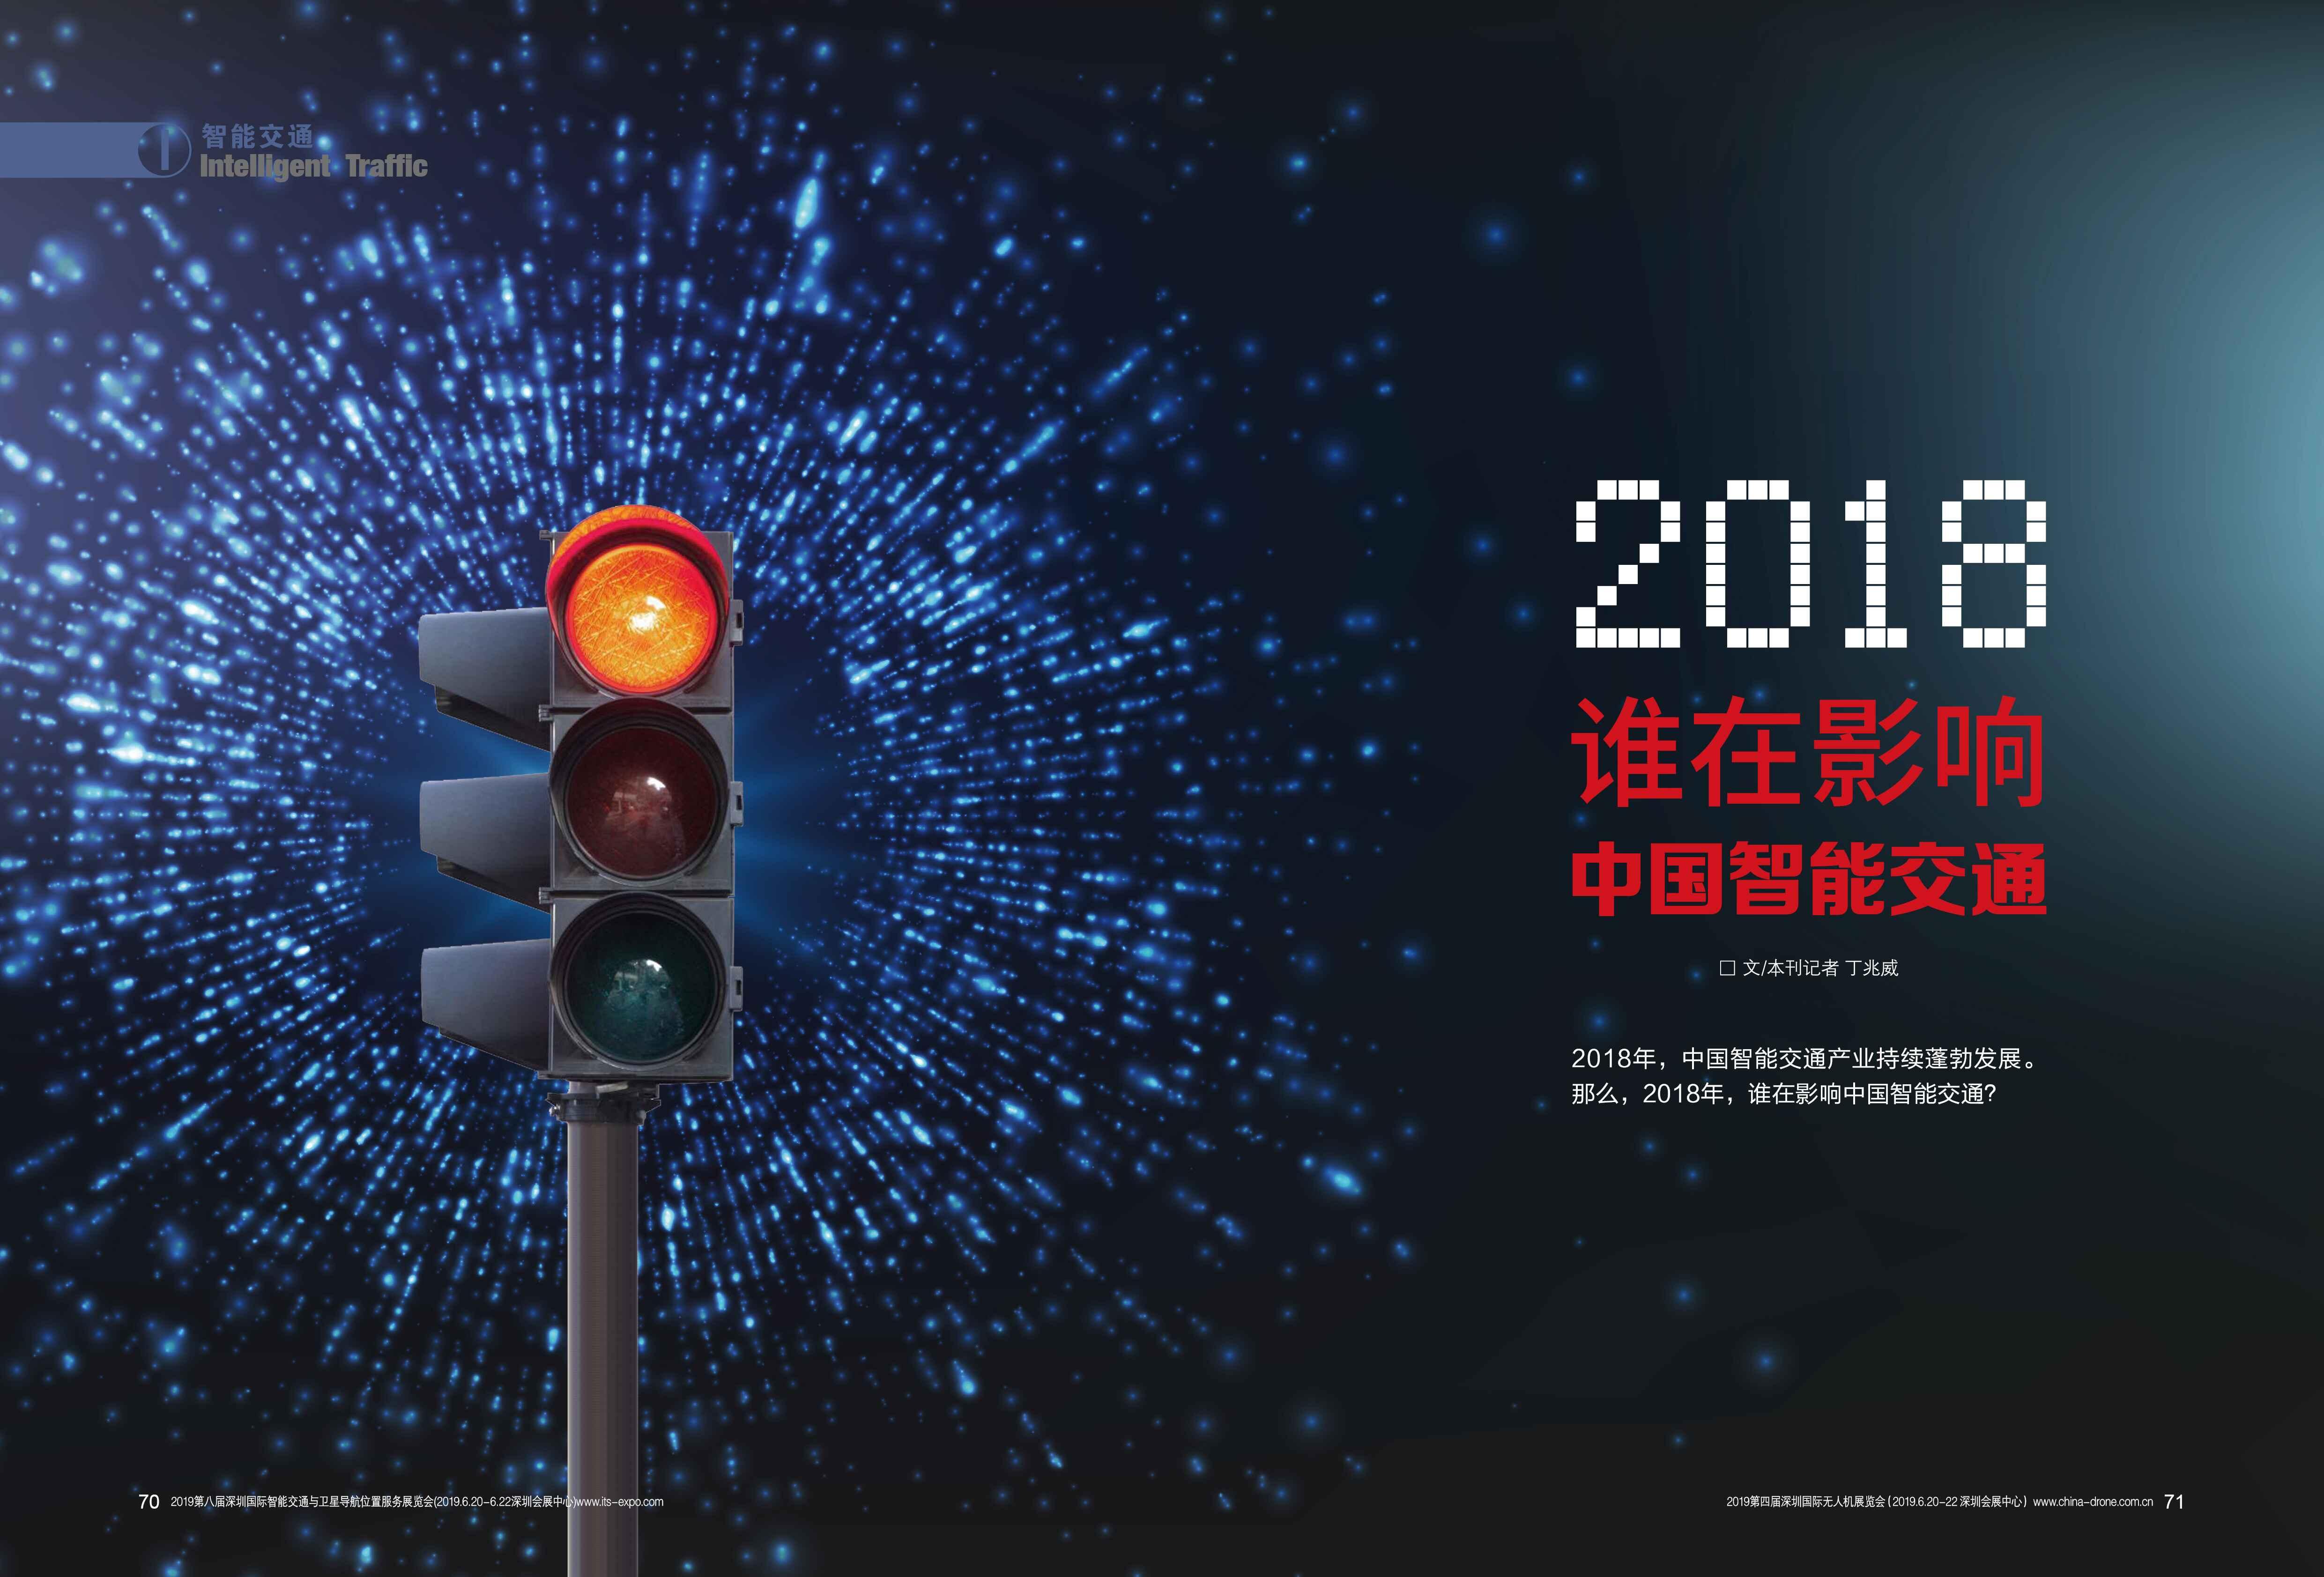 年终盘点 | 2018,谁在影响中国智能交通?